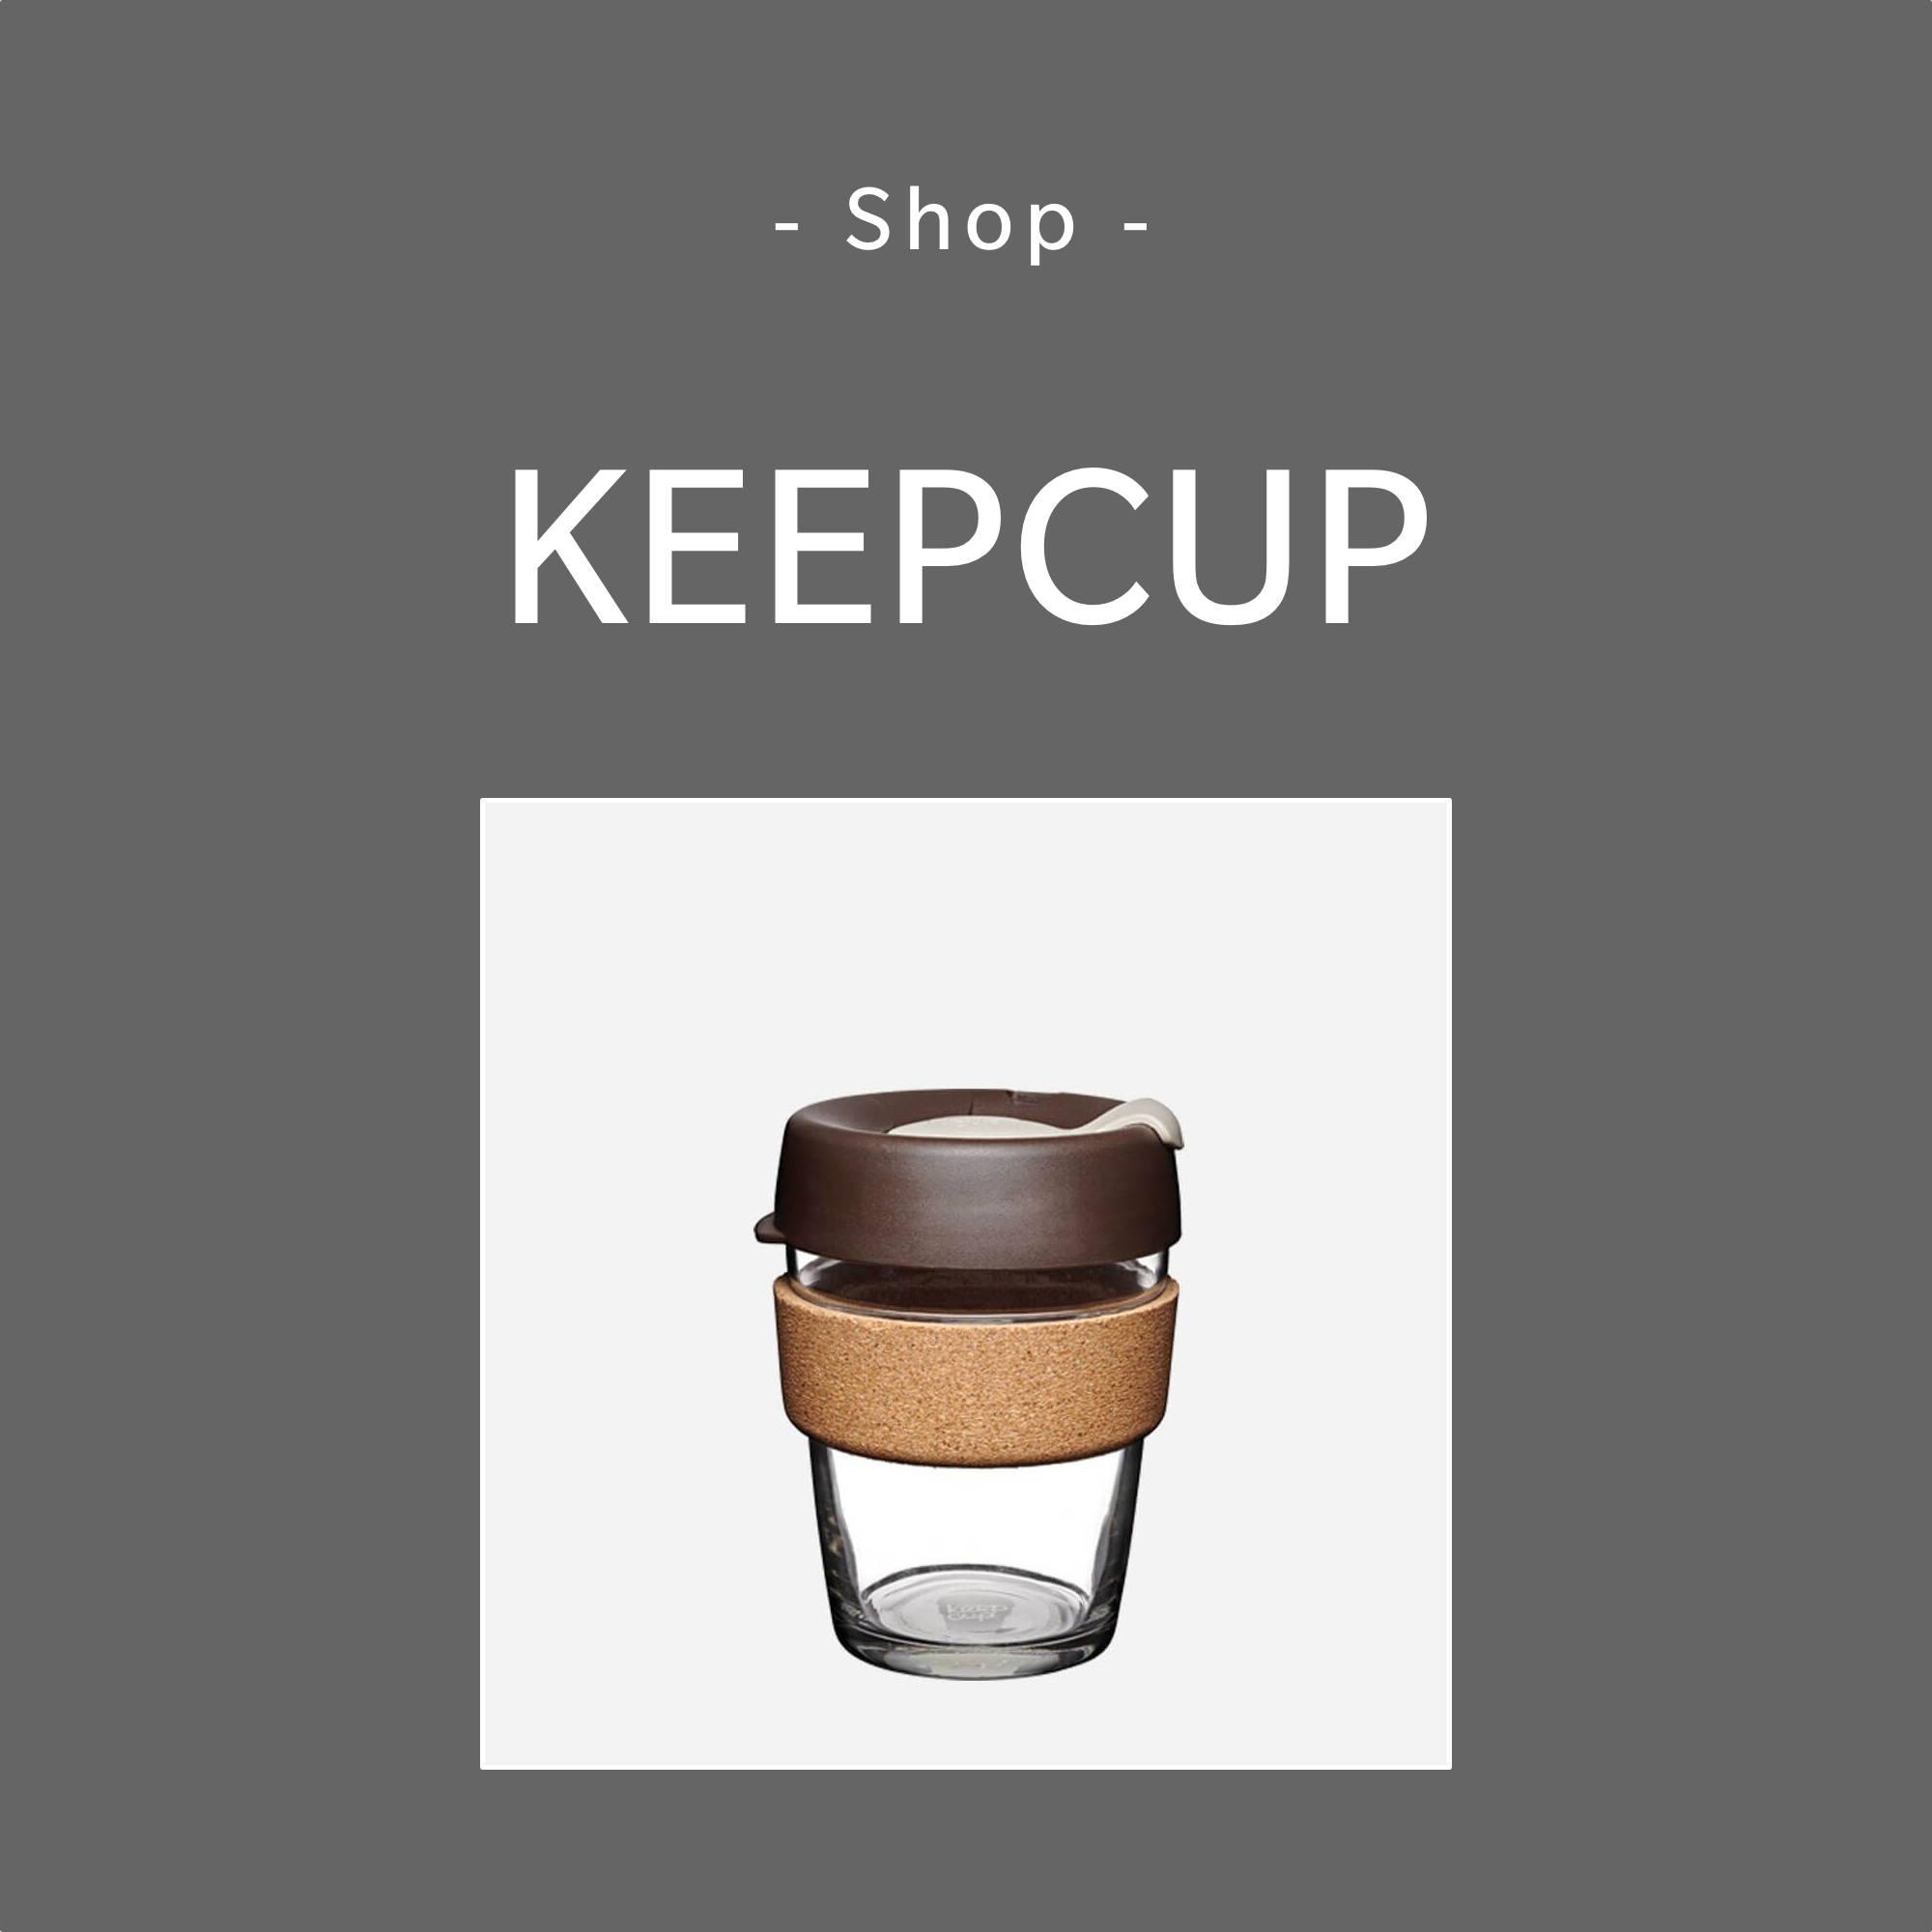 KeepCup Brand Page